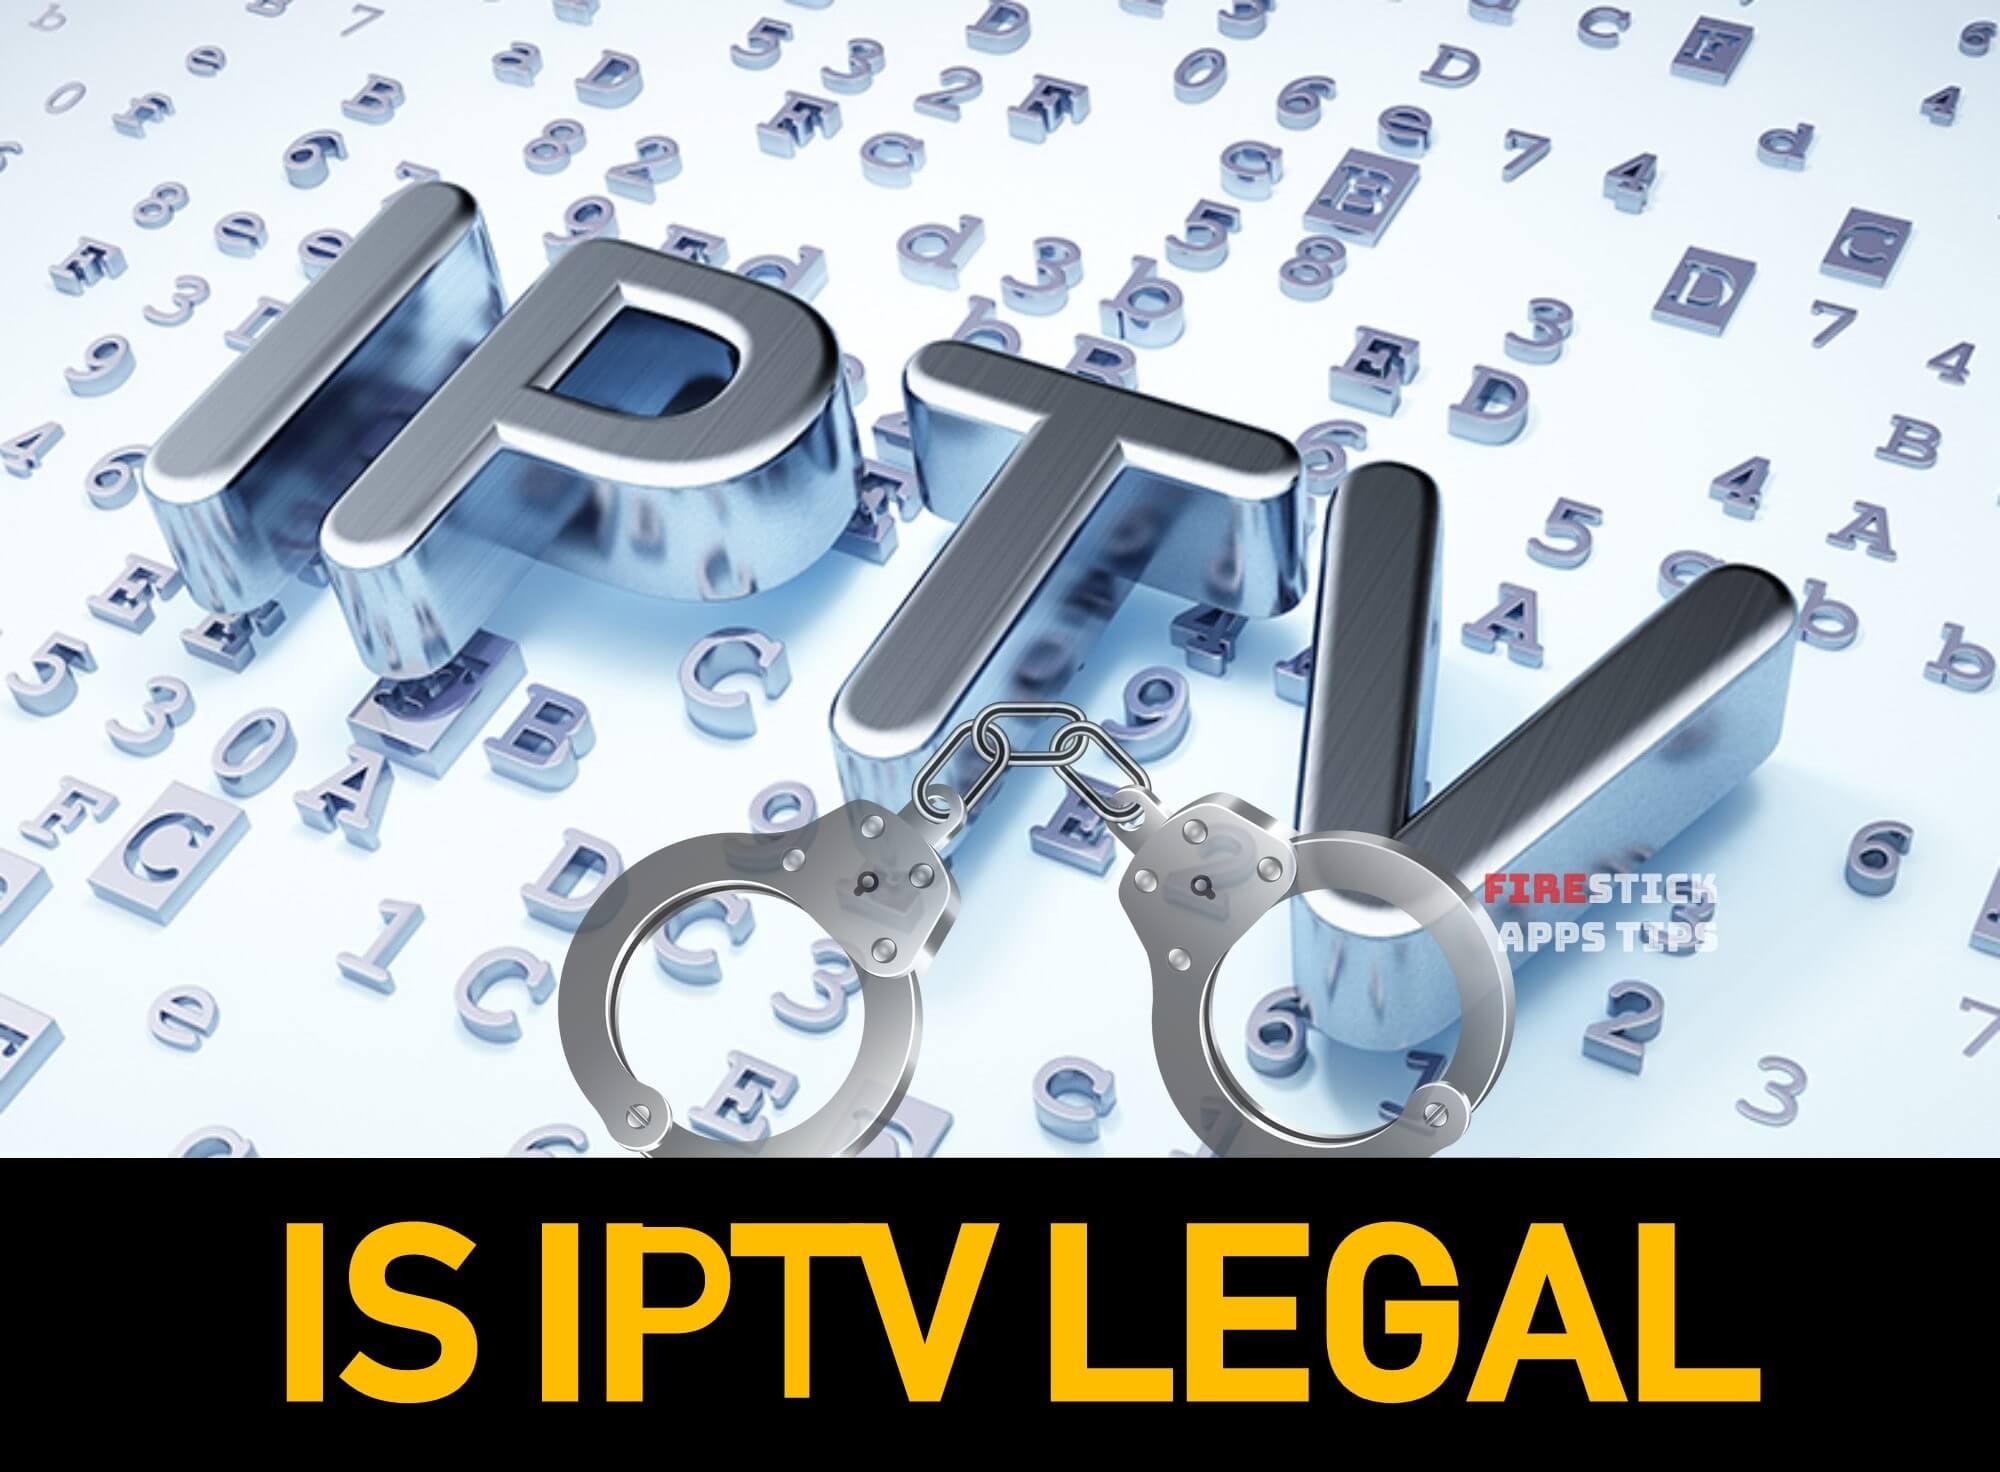 is IPTV legal